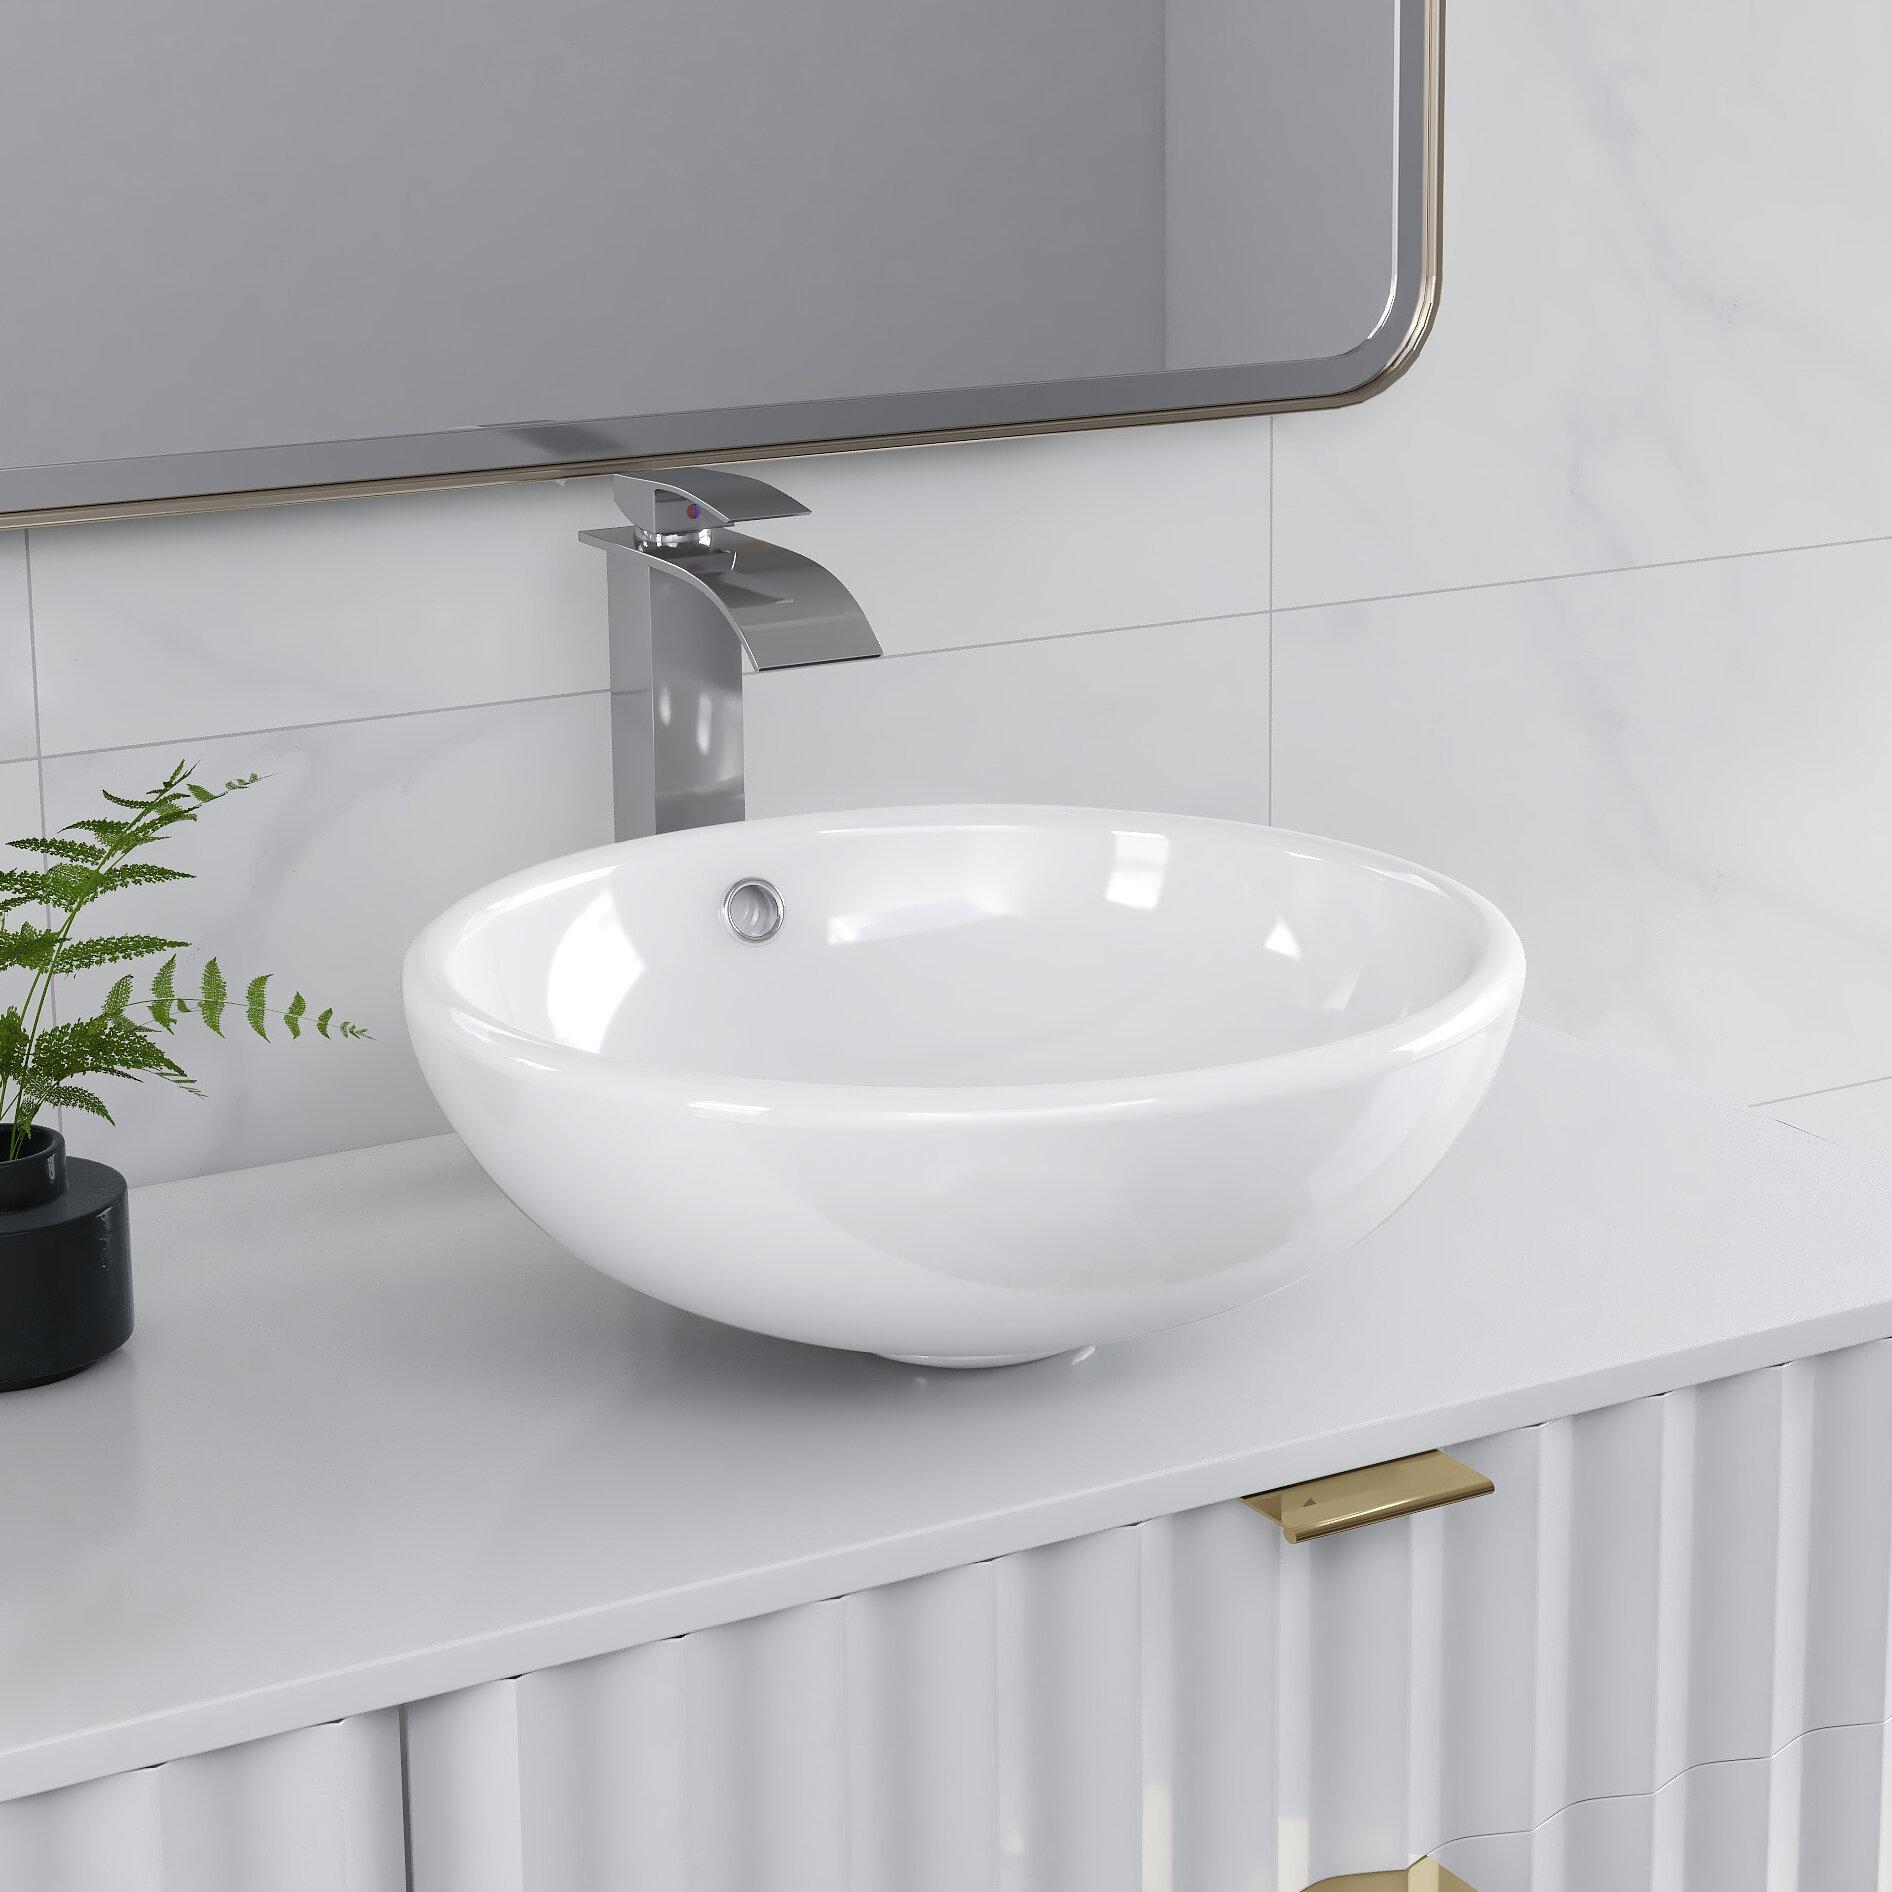 Deervalley White Ceramic Circular Vessel Bathroom Sink With Overflow Reviews Wayfair